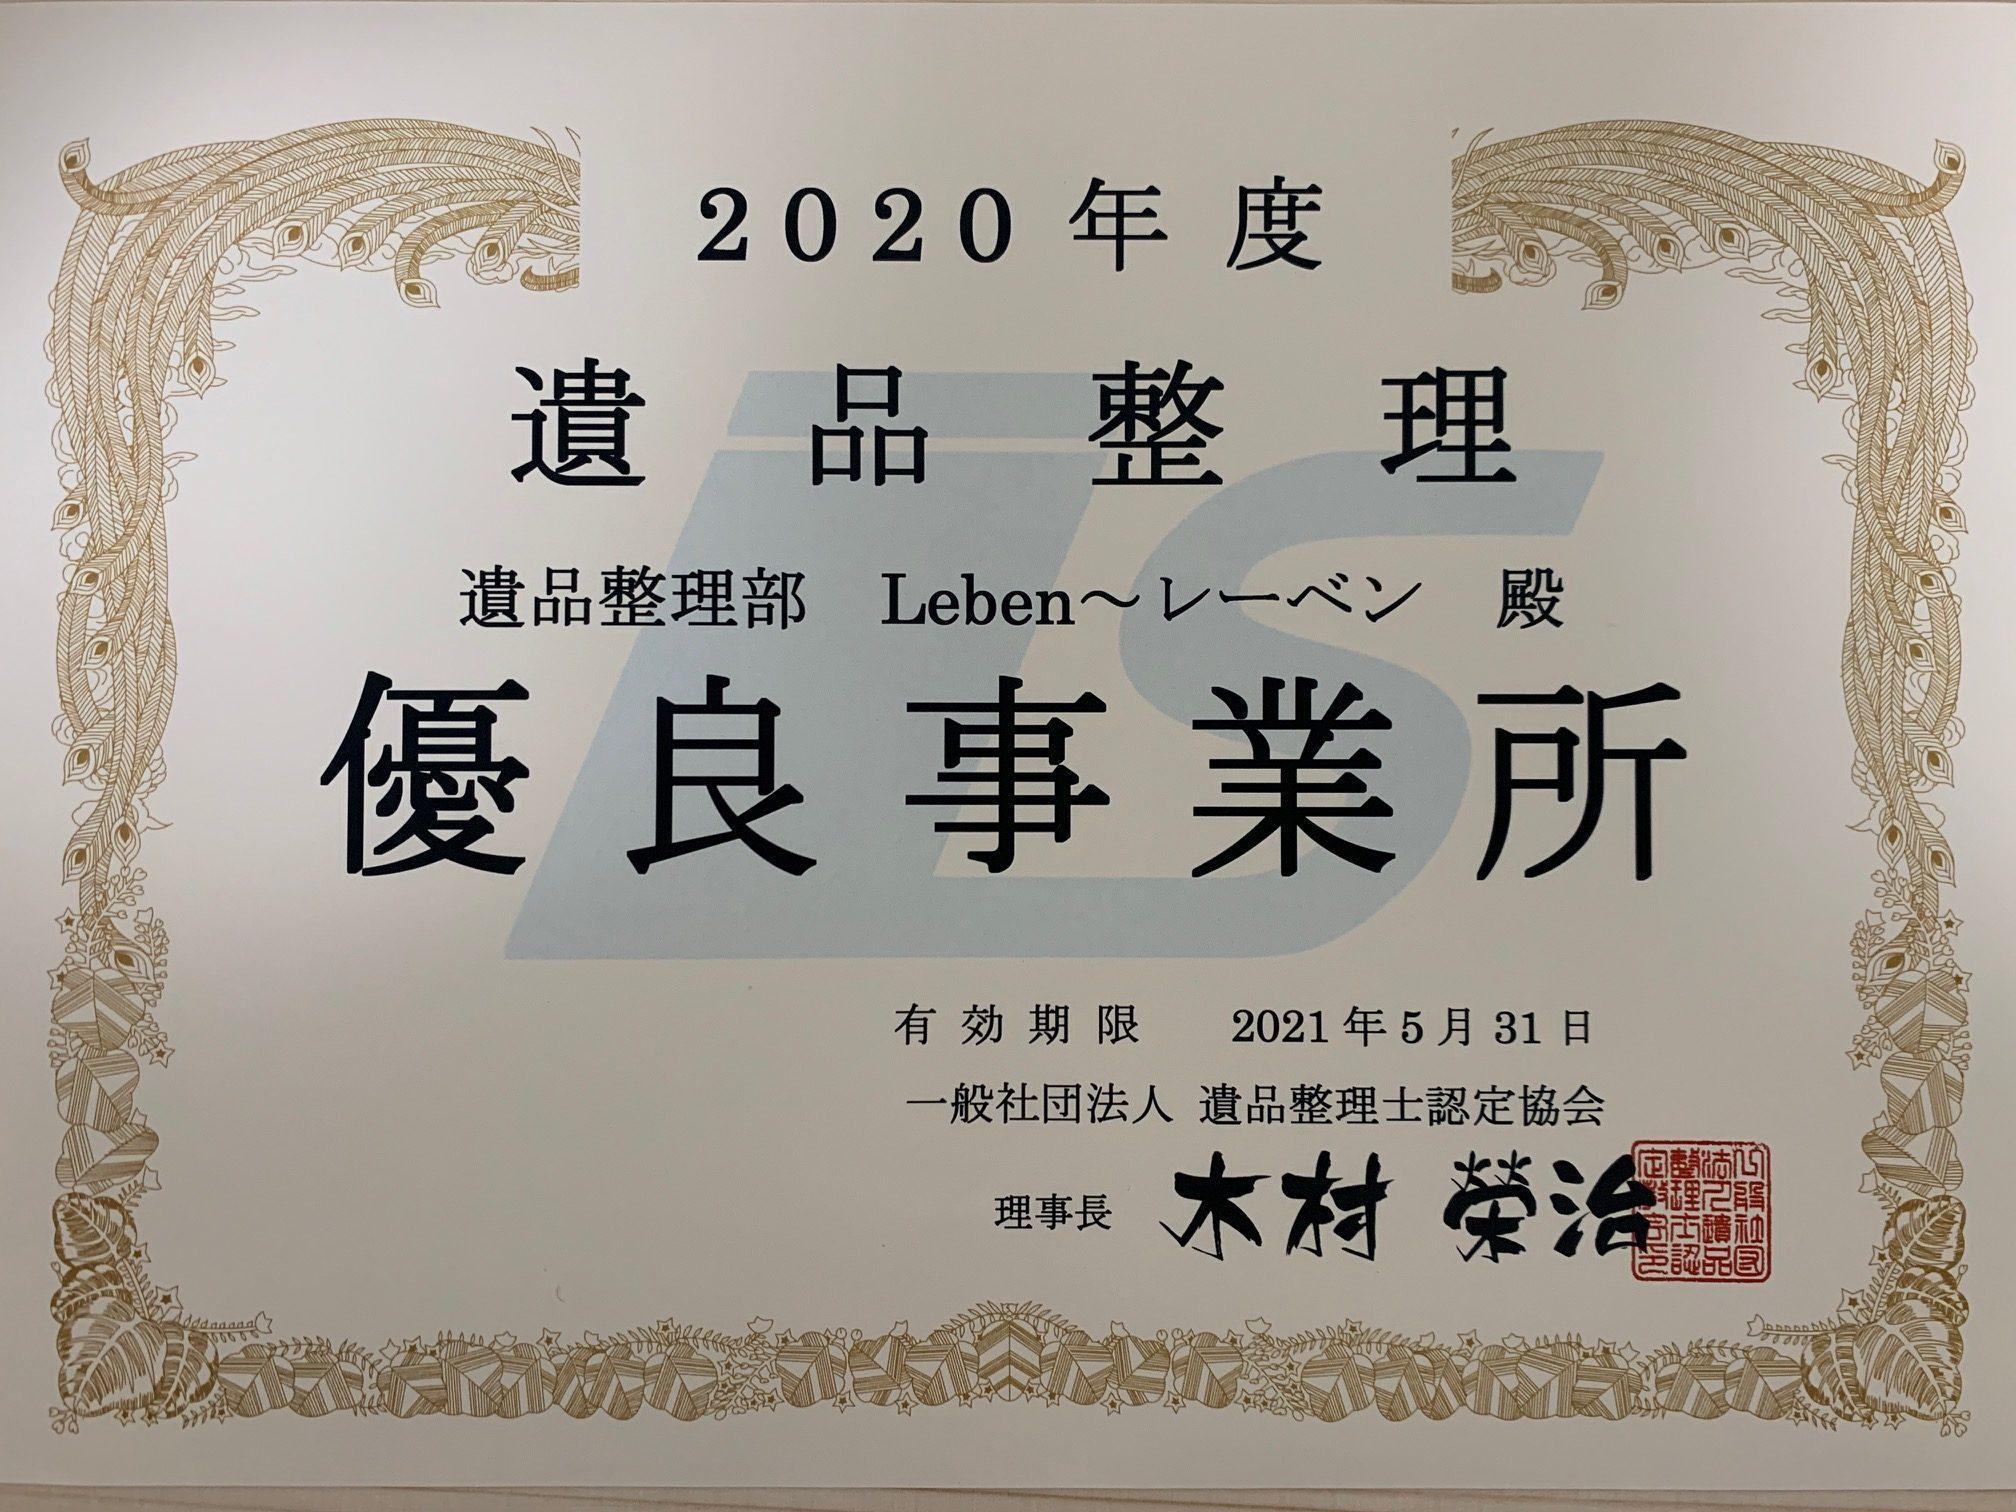 千葉県船橋市、習志野市 遺品整理レーベン 優良事業所